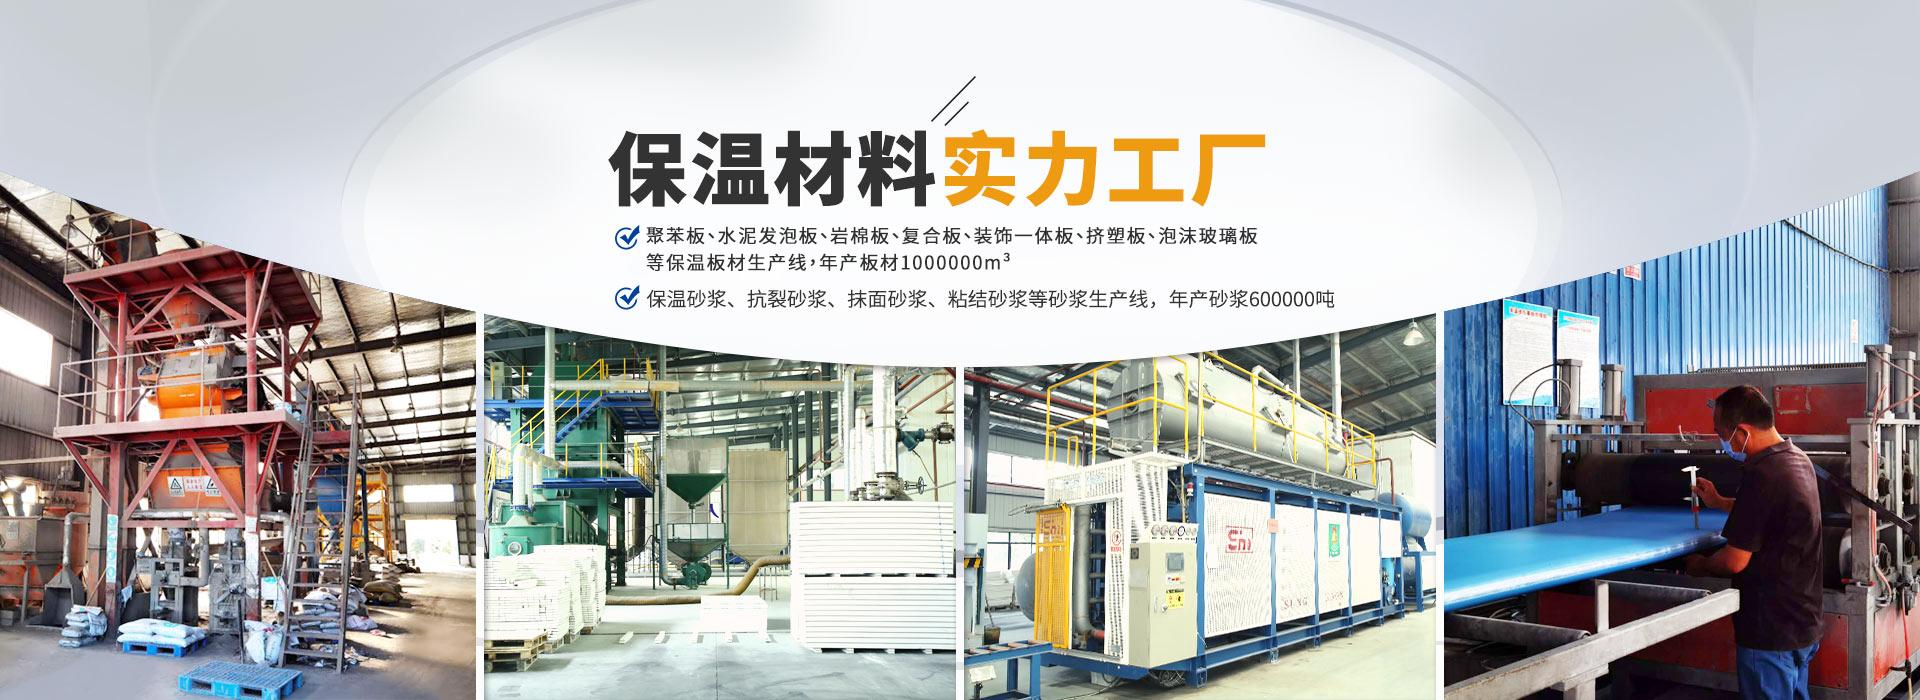 万博汇佳保温材料实力工厂